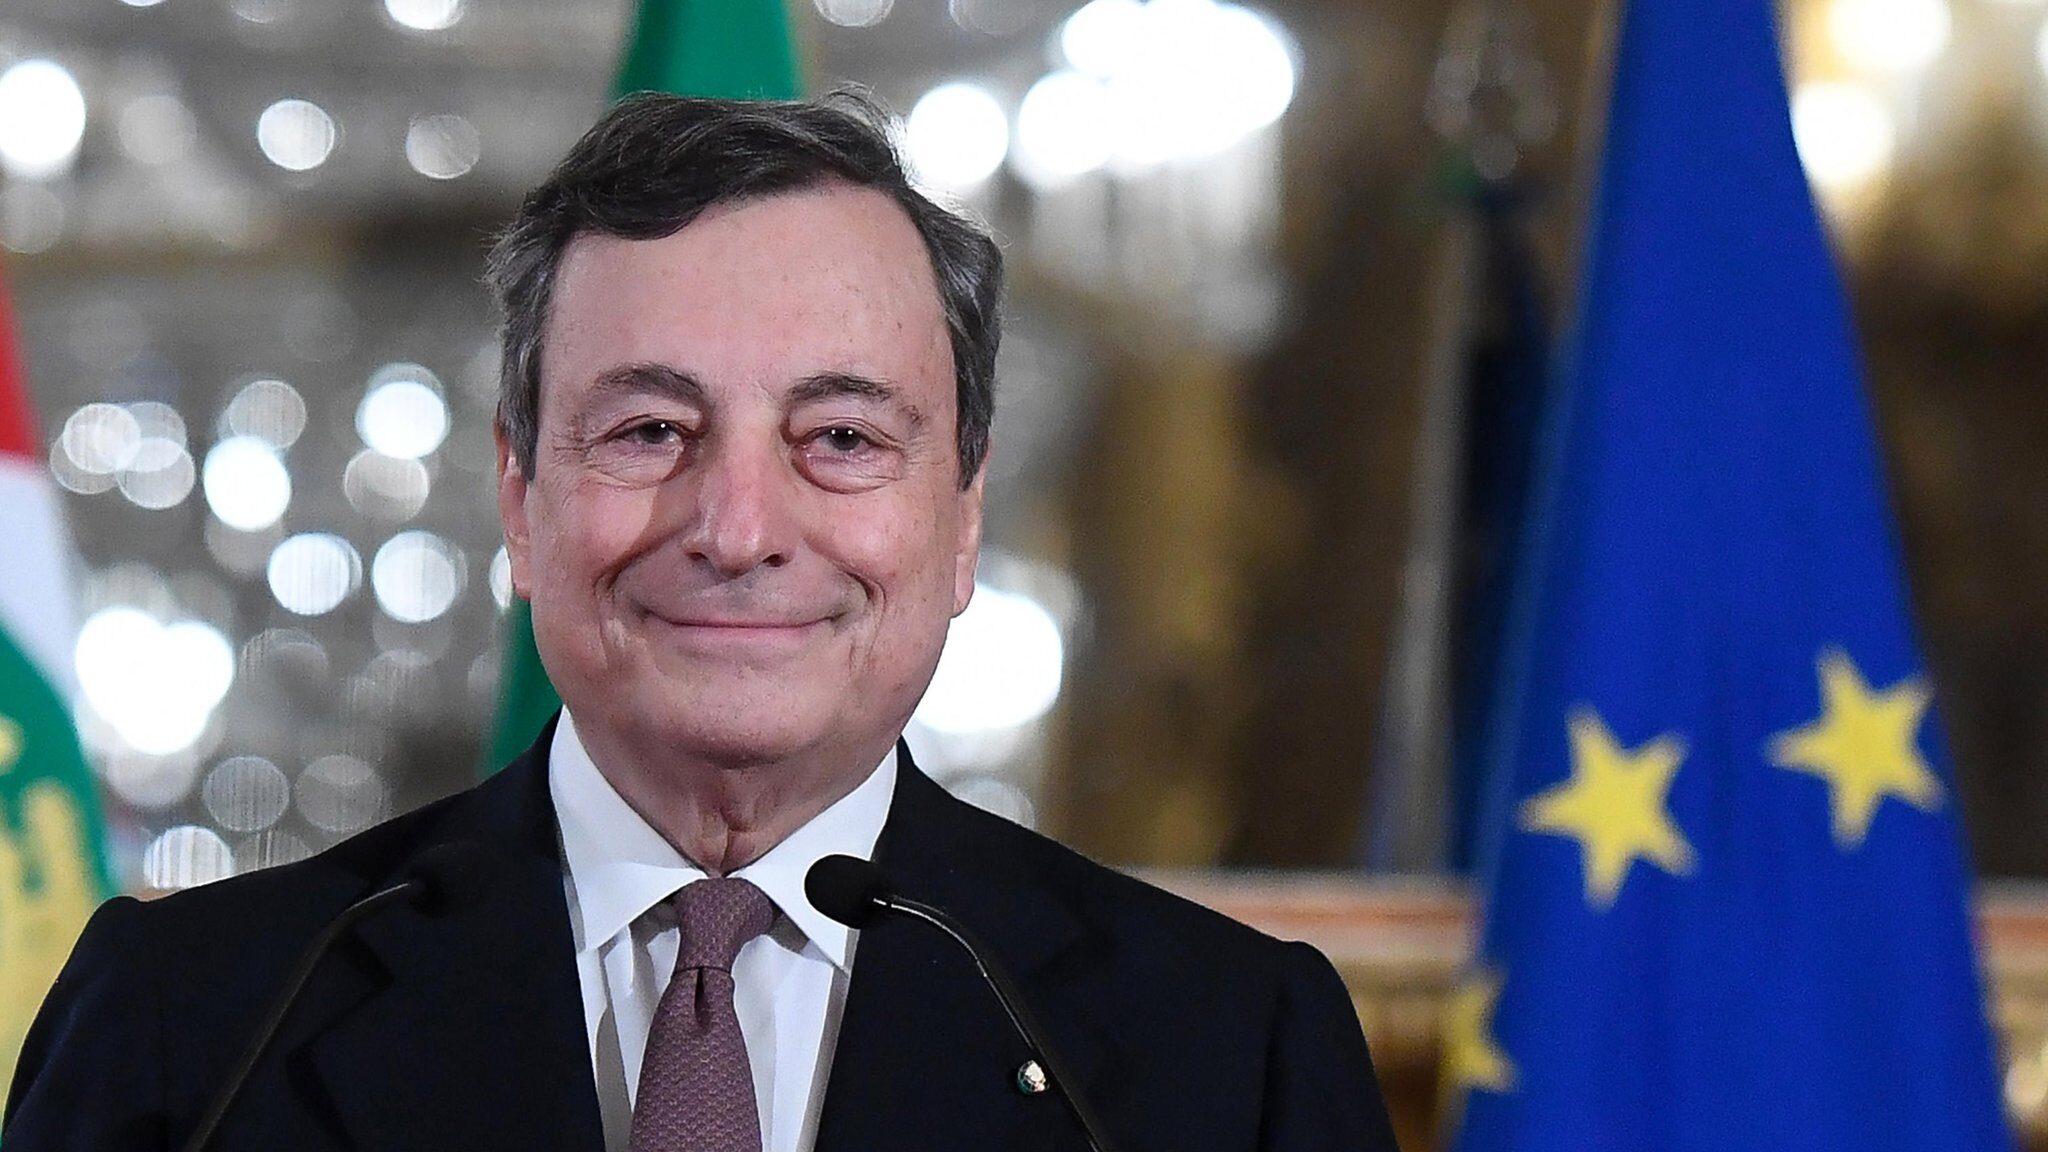 Draghi al volante: il pilota automatico è in riparazione